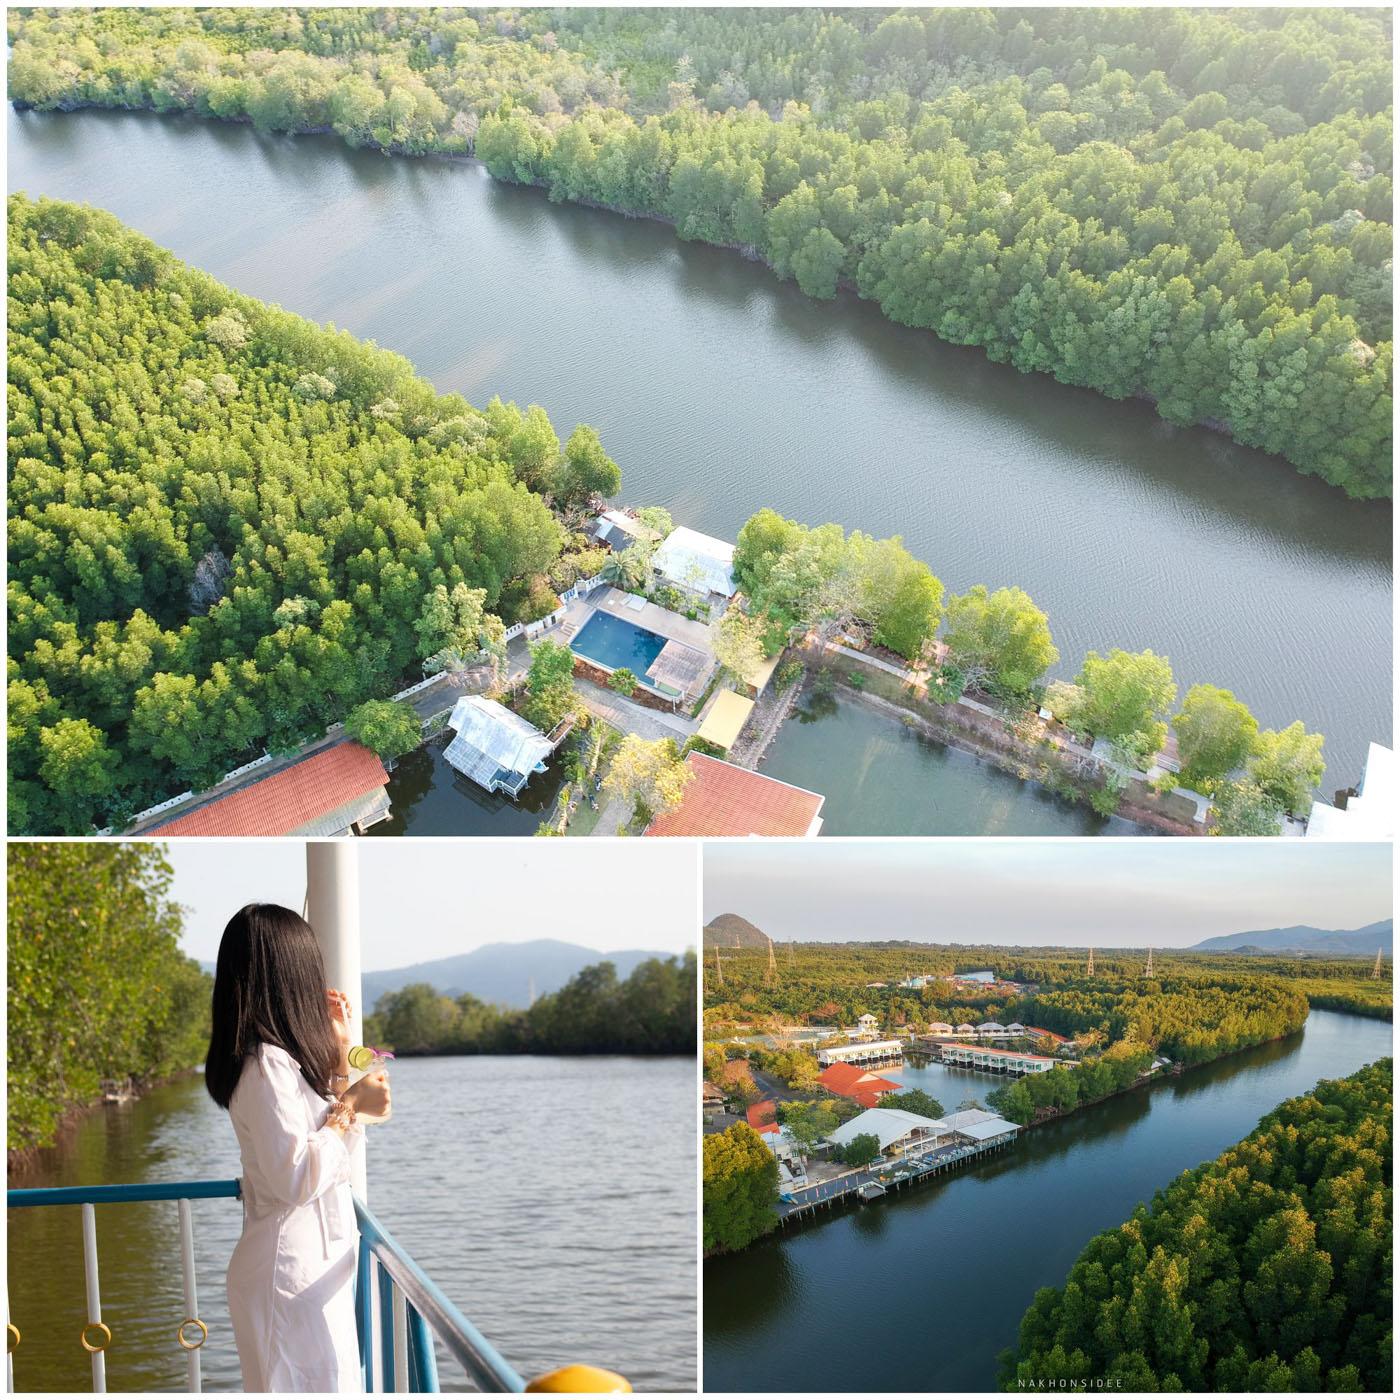 อนาวิลล่า ตังเก รีสอร์ท ที่พักขนอมสุดสวยกลางป่า แถมใกล้ทะเล พายเรือคายัคได้ด้วย แถมร้านอาหารซีฟู๊ดสดๆ แบบสดจริงๆ บอกเลยต้องห้ามพลาด Anavilla Tangke Resort ขนอม นครศรีธรรมราช  คลิกที่นี่ที่พัก,ริมลำธาร,นครศรีธรรมราช,โรงแรม,รีสอร์ท,วิวหลักล้าน